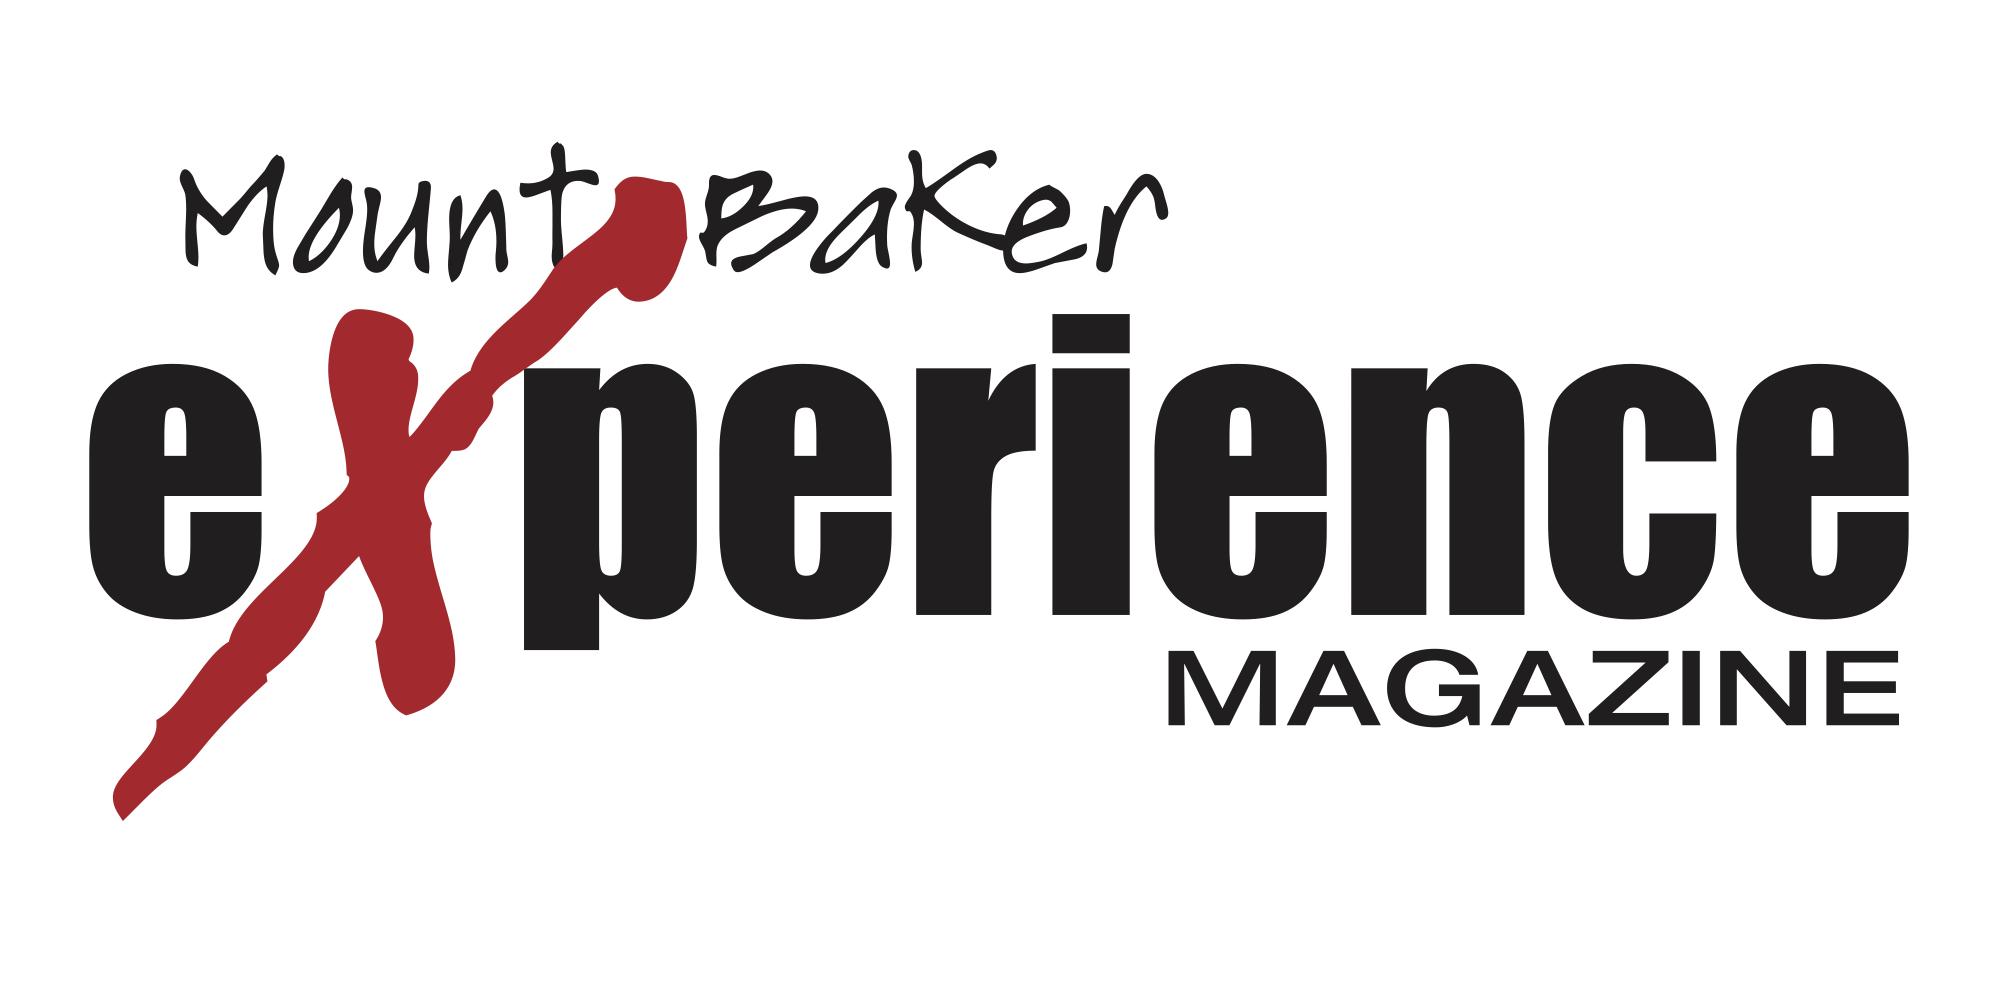 MBE-Logo-Large-withMagazine.jpg